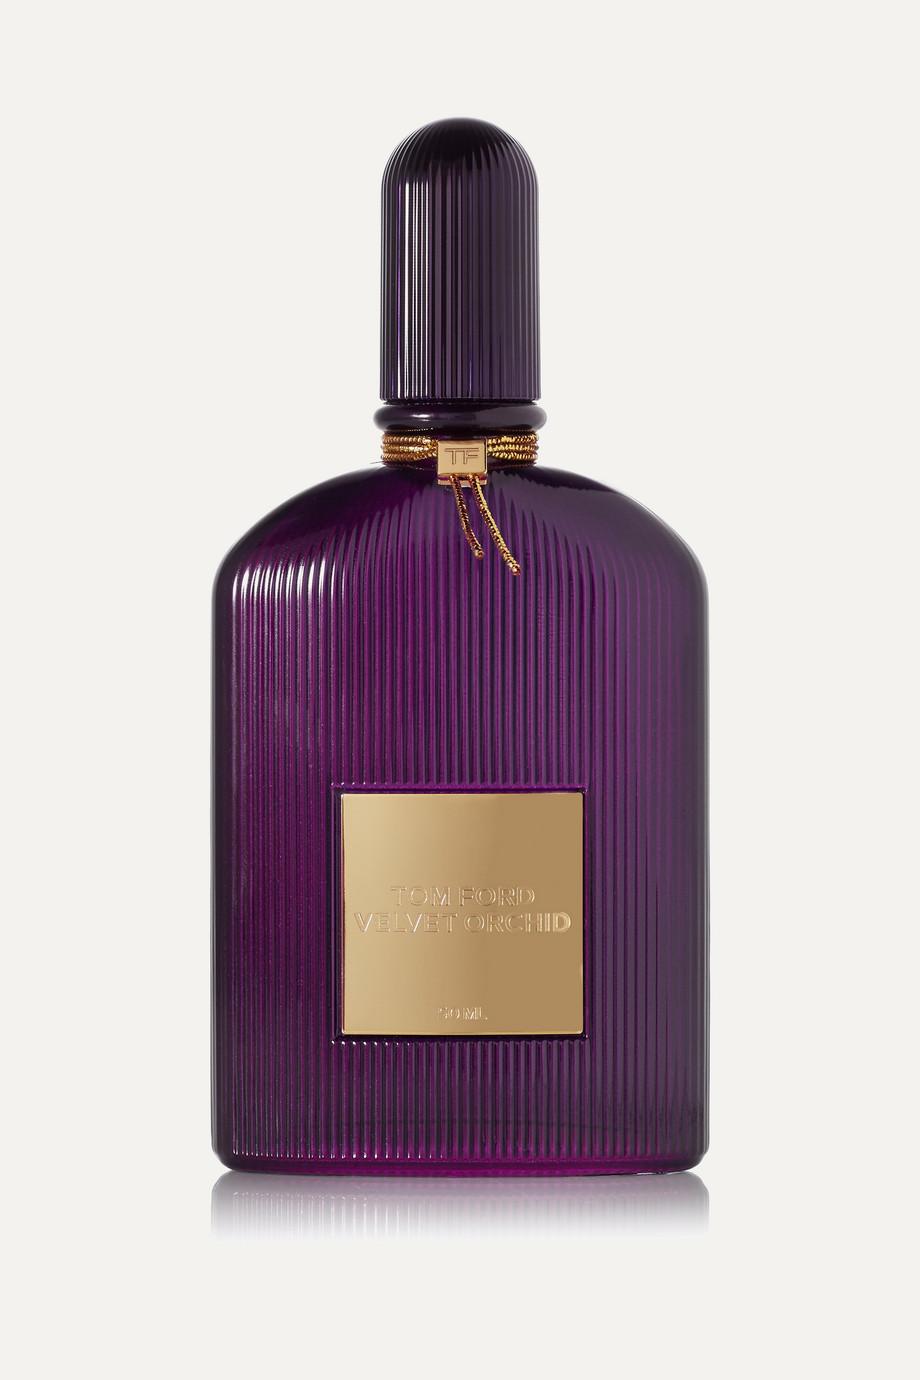 TOM FORD BEAUTY Velvet Orchid Eau de Parfum - Italian Bergamot, Rum & Honey, 50ml